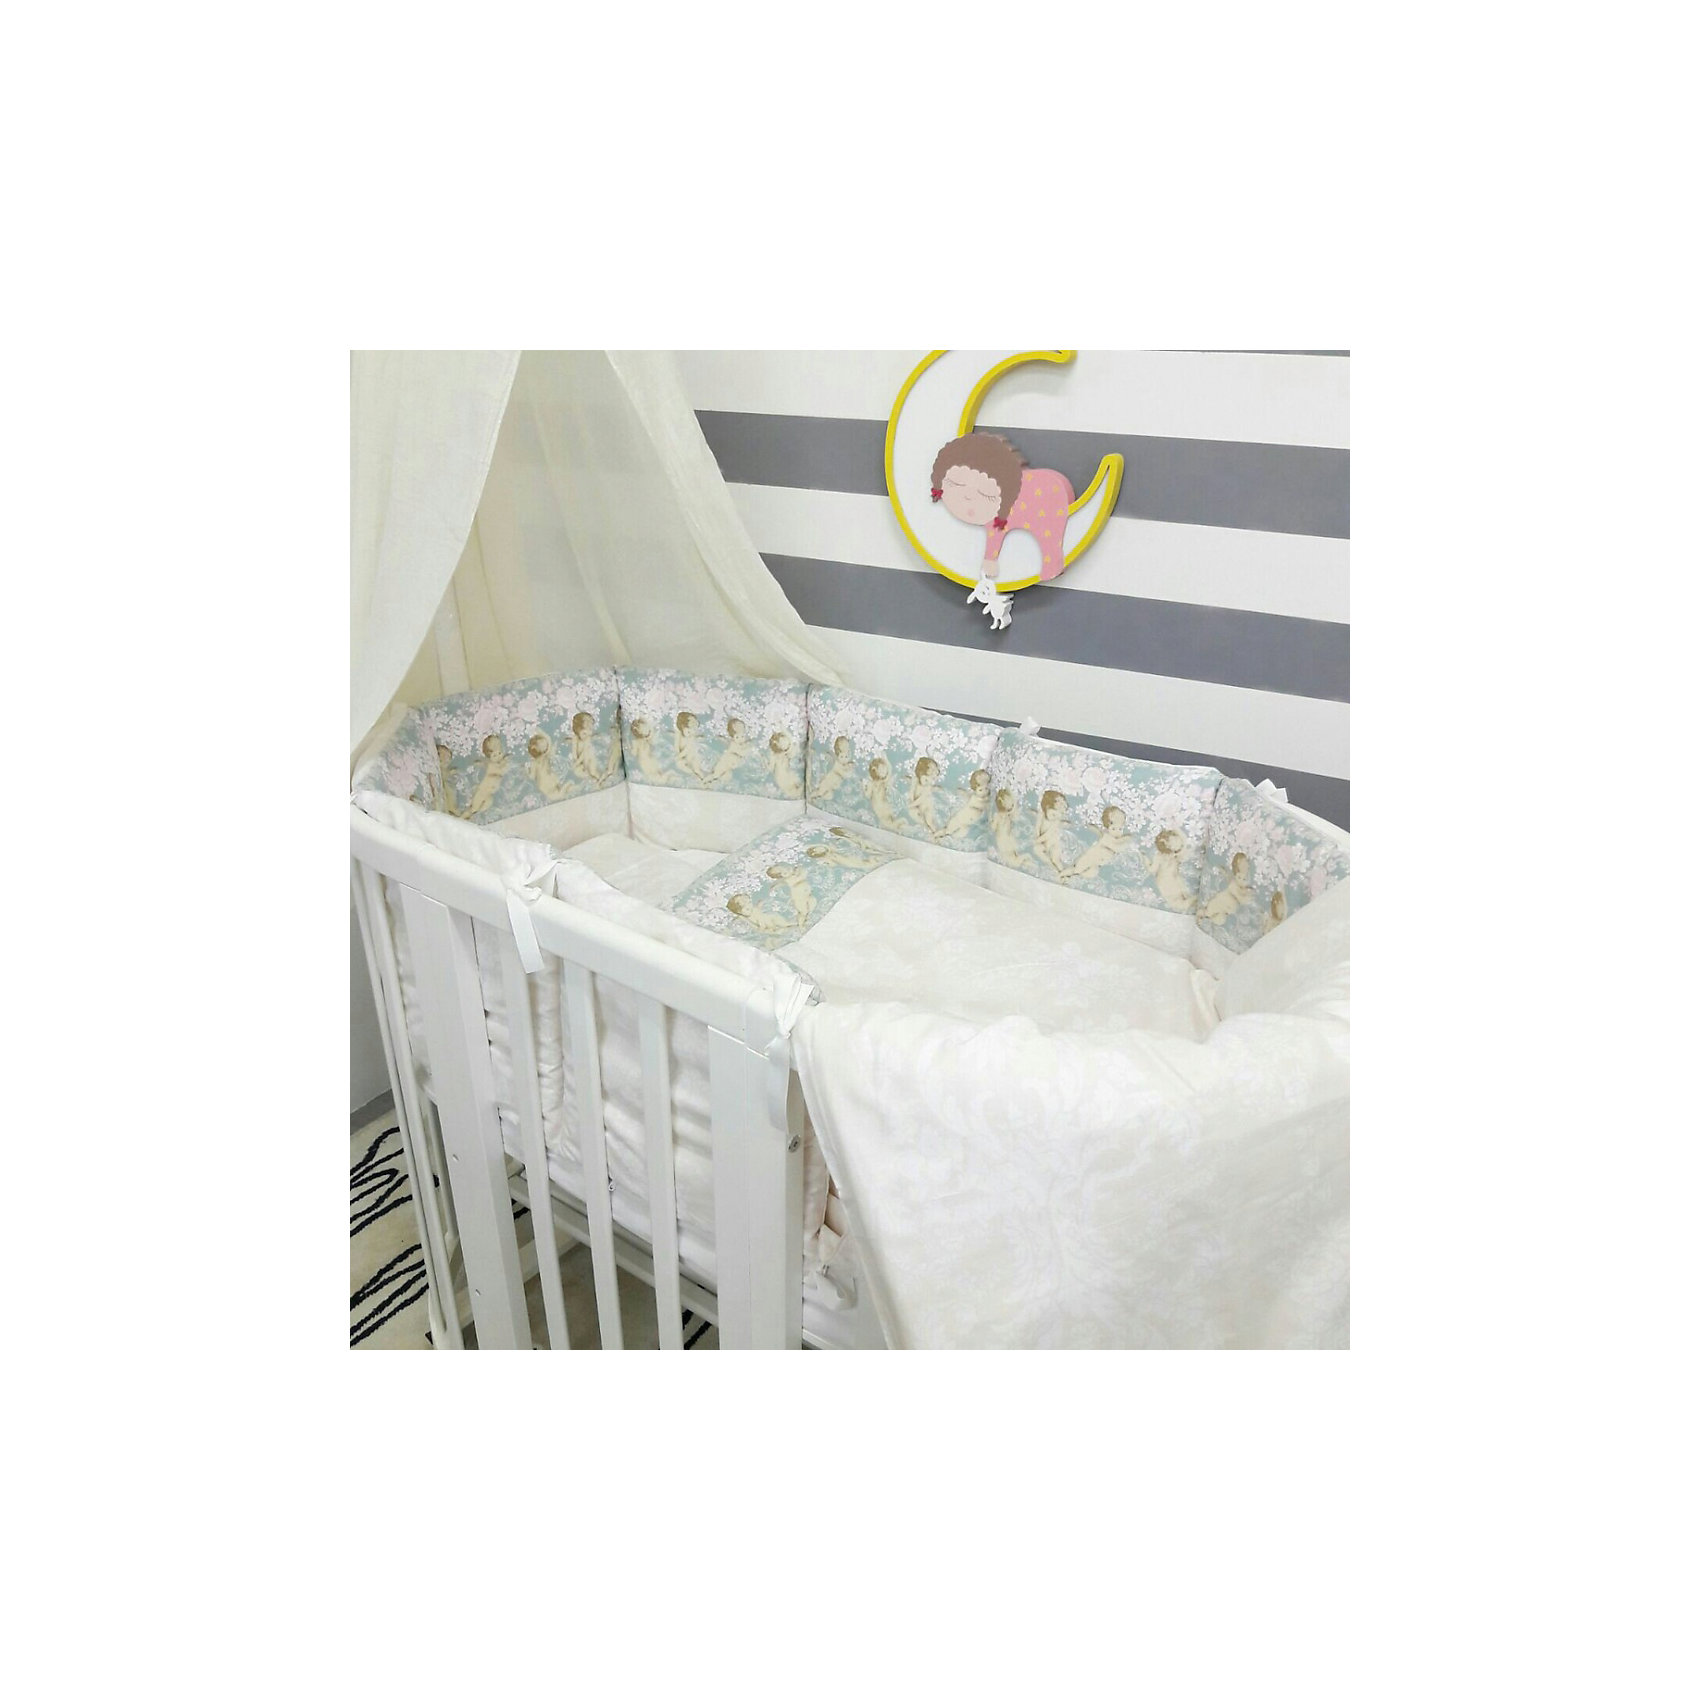 Постельное белье для круглых кроваток Ангелы, 7 предм., by TwinzПостельное бельё<br>Характеристики:<br><br>• Материал: хлопок, 100% <br>• Тематика рисунка: ангелы<br>• Комплектация: <br> пододеяльник 105*145 см – 1 шт. <br> одеяло на холлофайбере 100*140 см – 1 шт. <br> простынь на резинке 70*80 см – 1 шт. <br> простынь на резинке 70*120 см – 1 шт. <br> наволочка 36*46 см – 1 шт. <br> подушка на холлофайбере 35*45 см – 1 шт. <br> бортики в виде подушек с завязками – 10 шт.<br>• Вес комплекта: 3 кг<br>• Размеры упаковки (Д*В*Ш): 58*58*18 см<br>• Особенности ухода: машинная стирка на щадящем режиме <br><br>Постельное белье представляет собой расширенную комплектацию – одеяло и подушка, пододеяльник, простыни и наволочка, бортики. Размеры изделий предназначены для детской кроватки круглой или овальной формы. <br><br>Постельное белье изготовлено из натурального хлопка, который обеспечивает комфорт и удобство для сна. Натуральная ткань обладает высокими гигиеническими свойствами и повышенной износоустойчивостью.<br><br>Предусмотренные на простыни резинка и застежка на пододеяльнике позволяют изделиям надежно фиксироваться. В комплекте предусмотрены бортики в виде подушек, которые оснащены съемными наволочками с завязками. Постельное белье для круглых кроваток Ангелы, 7 предм., by Twinz выполнено в брендовом дизайне с принтом из ангелов.<br><br>Постельное белье Ангелы, 3 предм., by Twinz можно купить в нашем интернет-магазине.<br><br>Ширина мм: 580<br>Глубина мм: 580<br>Высота мм: 180<br>Вес г: 3000<br>Возраст от месяцев: 0<br>Возраст до месяцев: 36<br>Пол: Унисекс<br>Возраст: Детский<br>SKU: 6765393